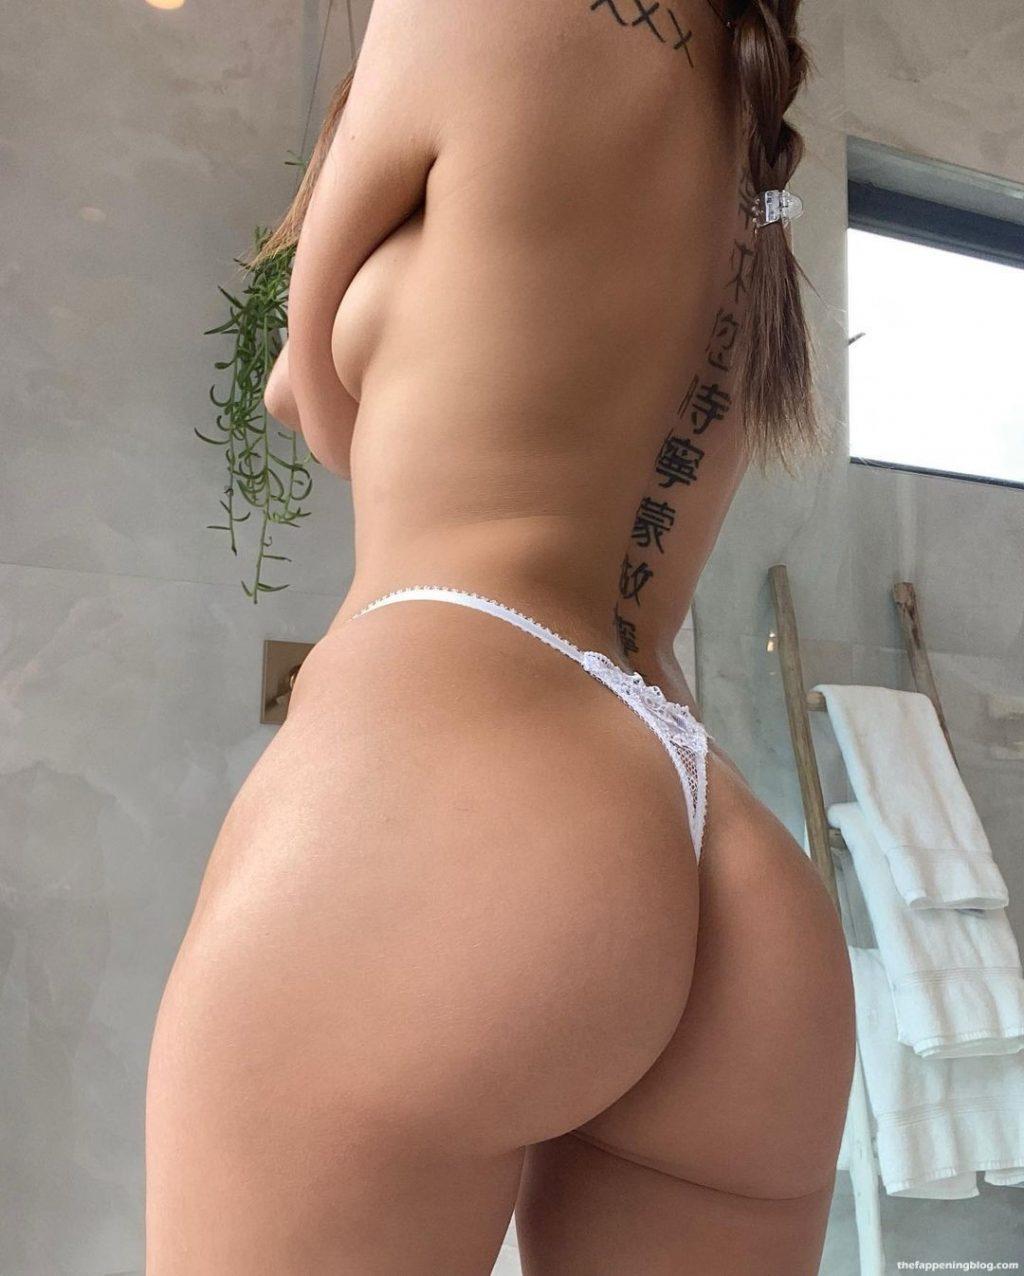 Riley Reid Nude & Sexy (7 New Photos)